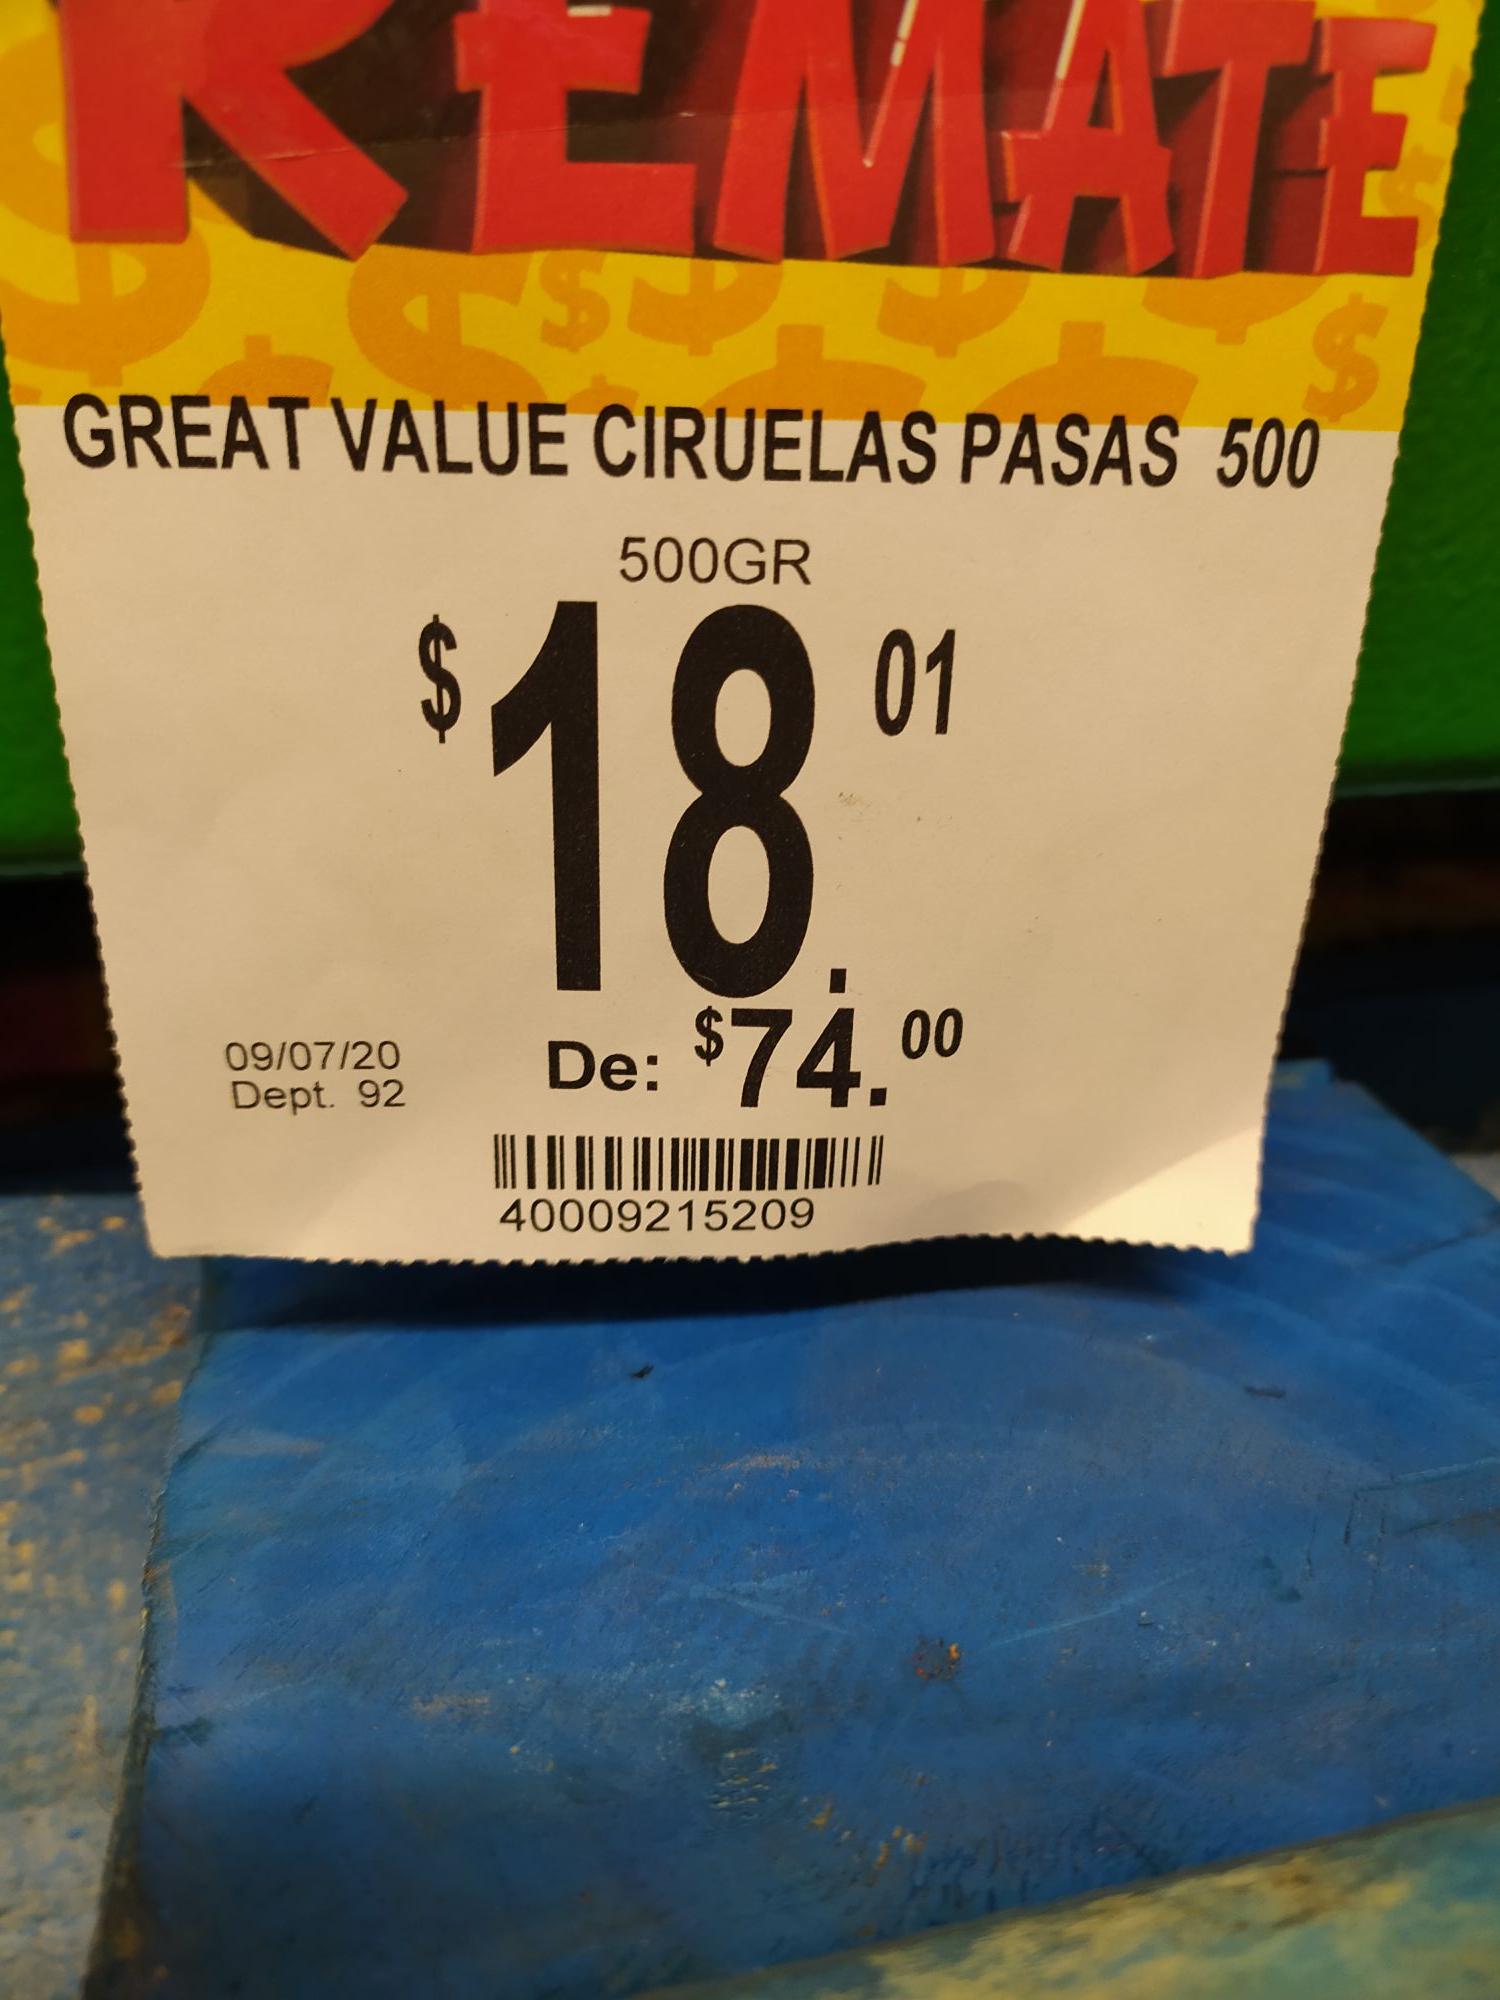 Bodega Aurrerá: Medio kilo de ciruela pasa en 18 pesitos